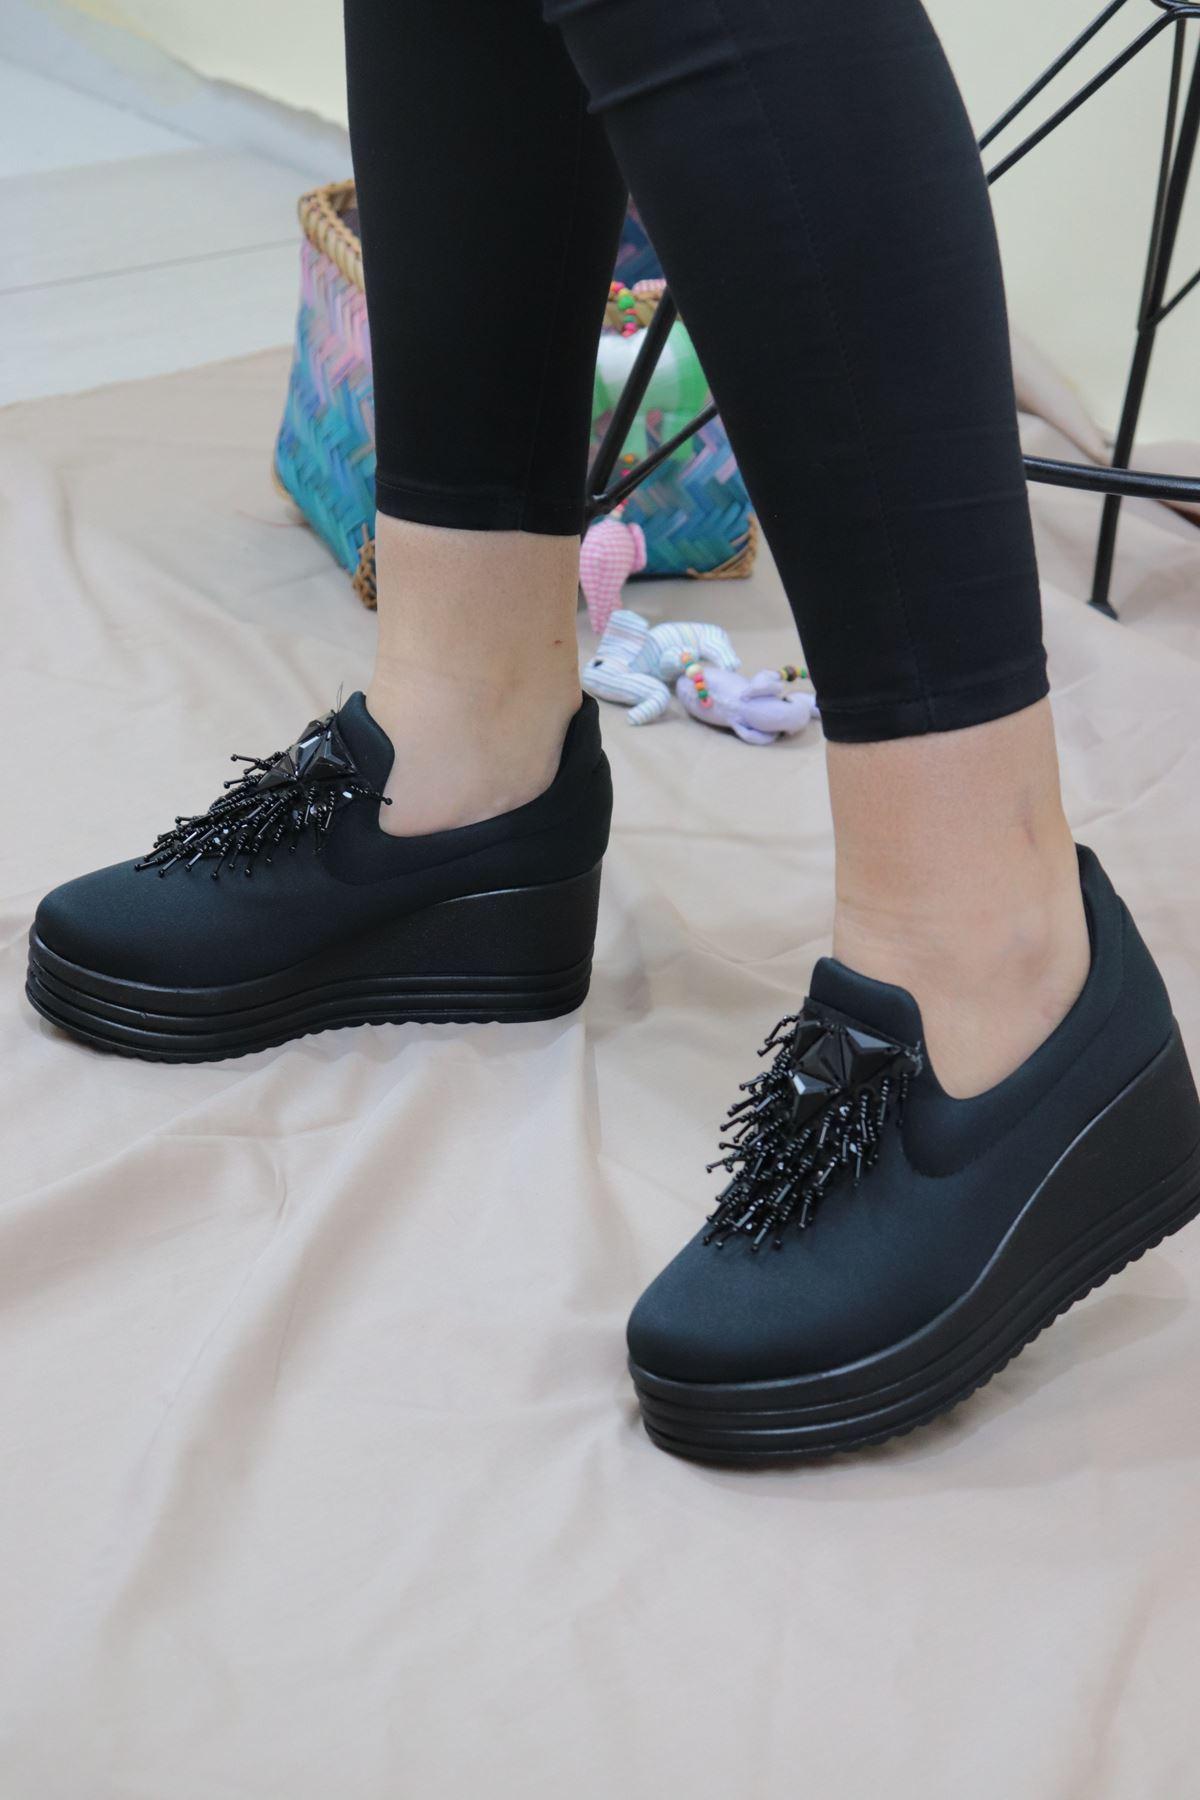 Trendayakkabı - Siyah Önü Püsküllü Kadın Dolgu Topuk Ayakkabı